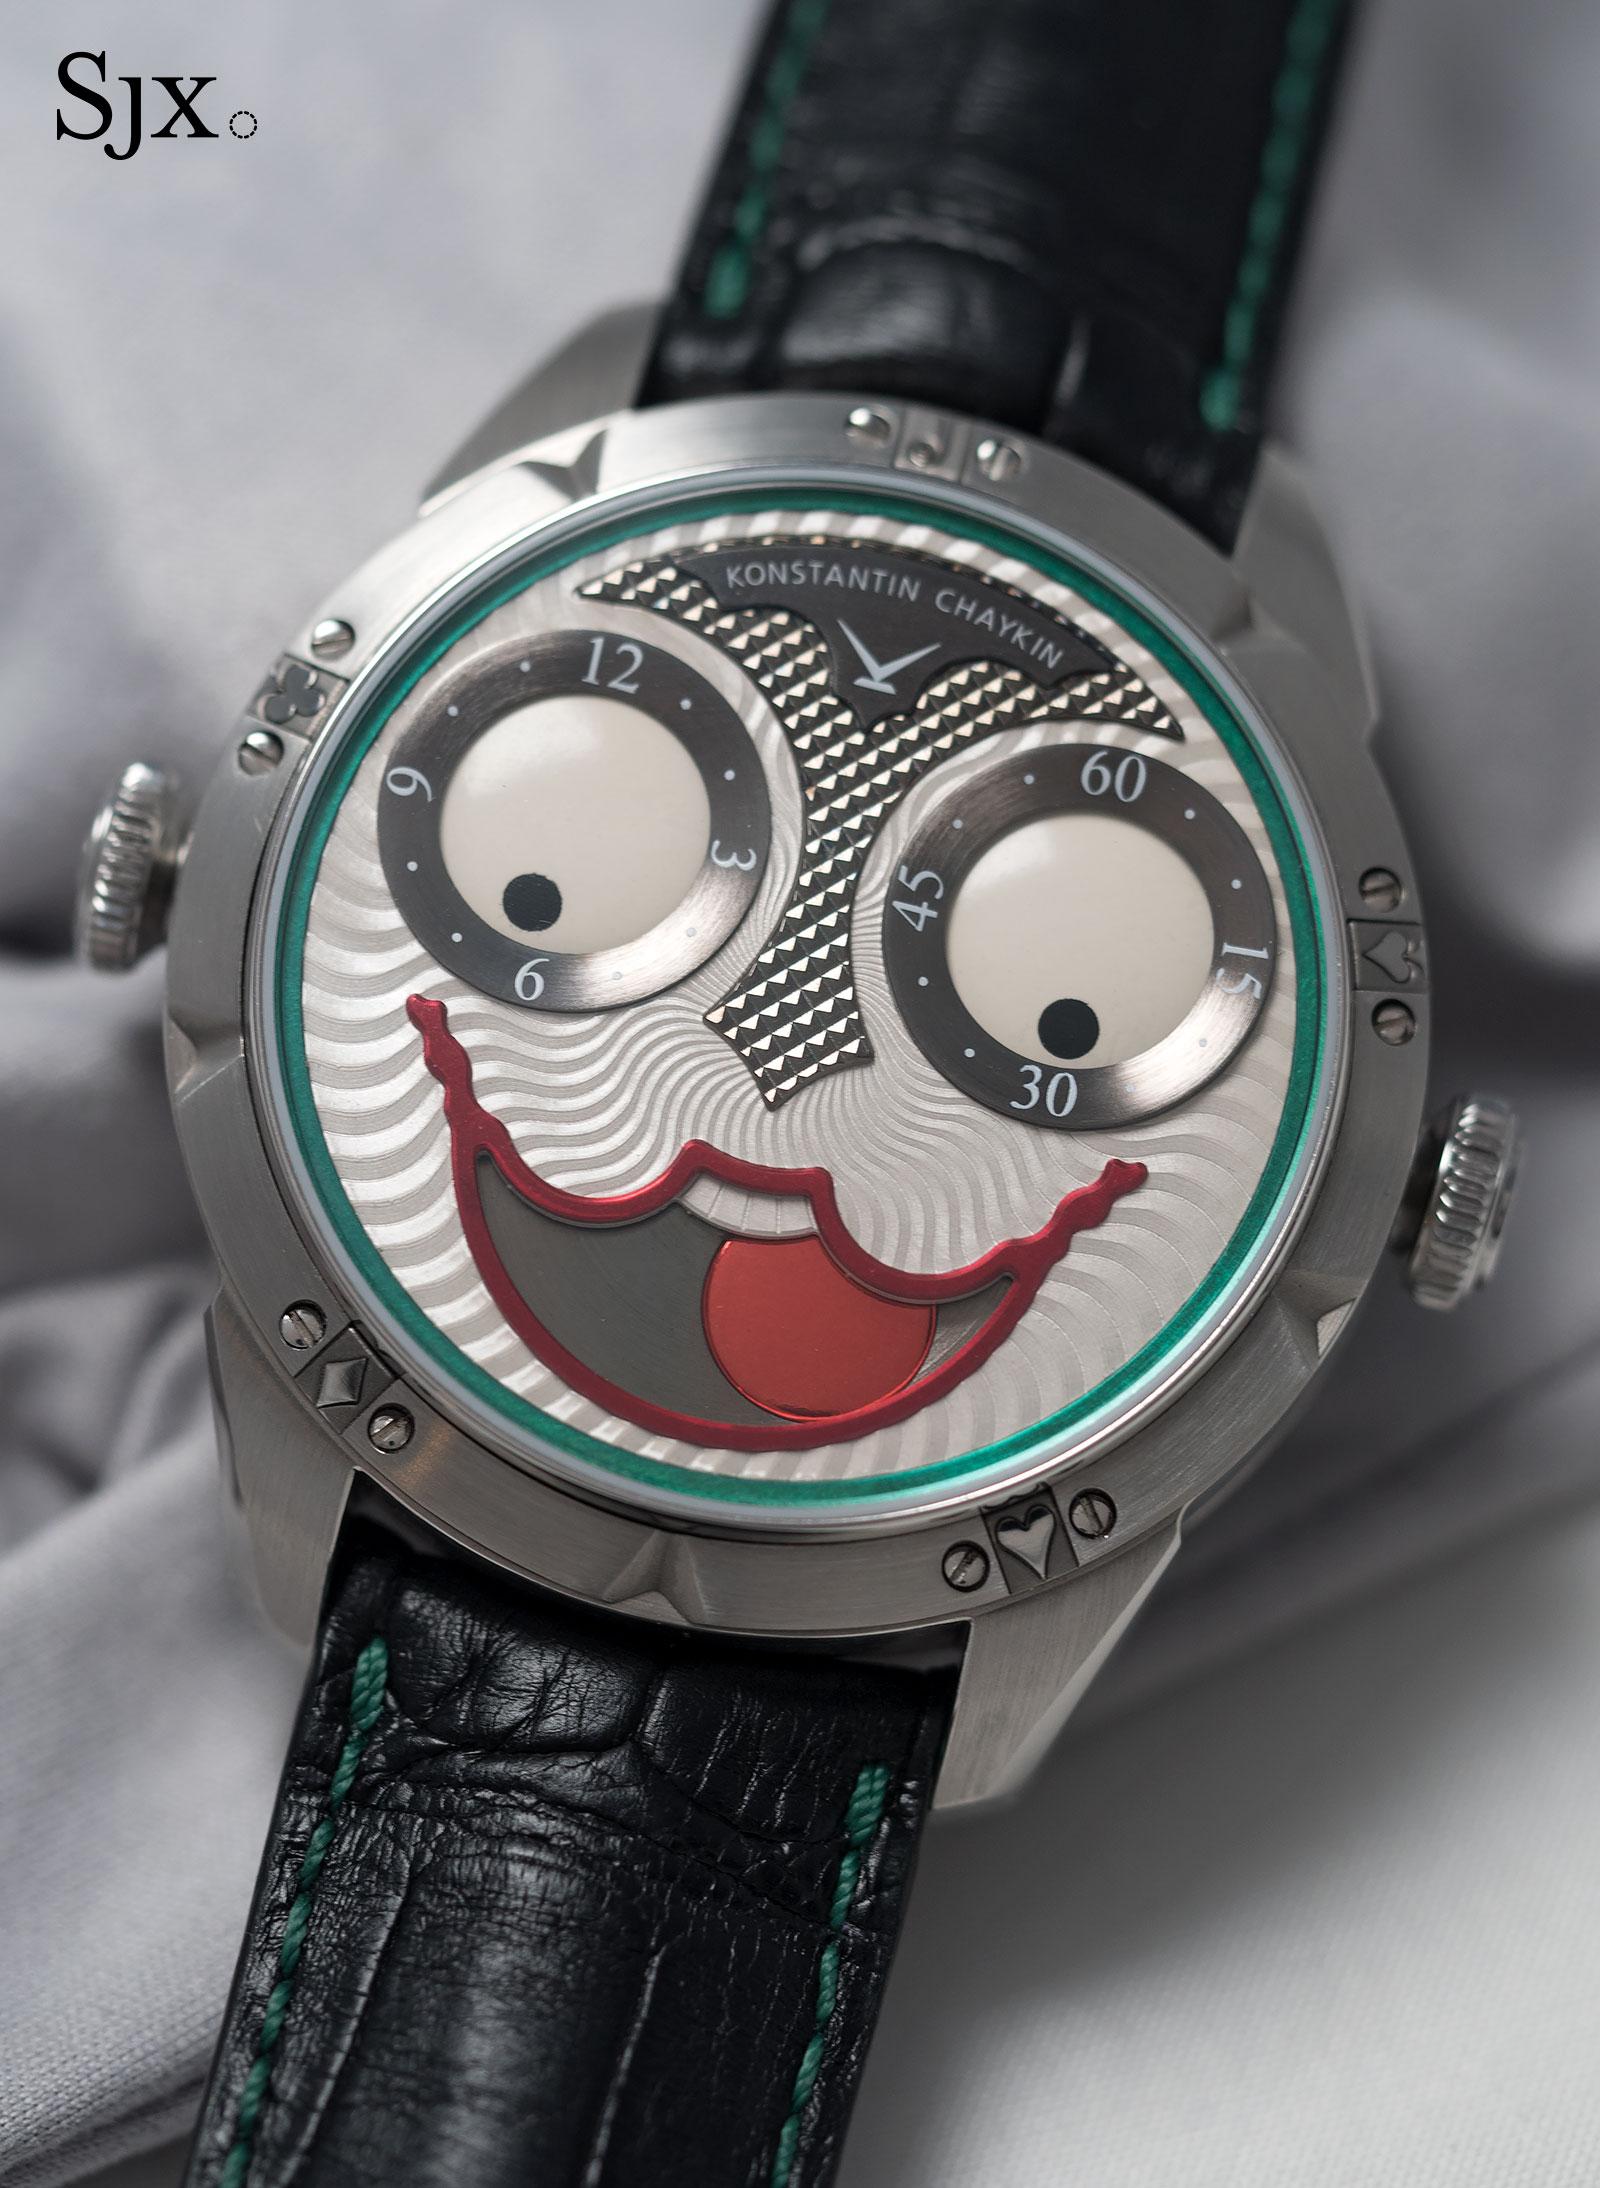 Konstantin Chaykin Joker wristwatch 12